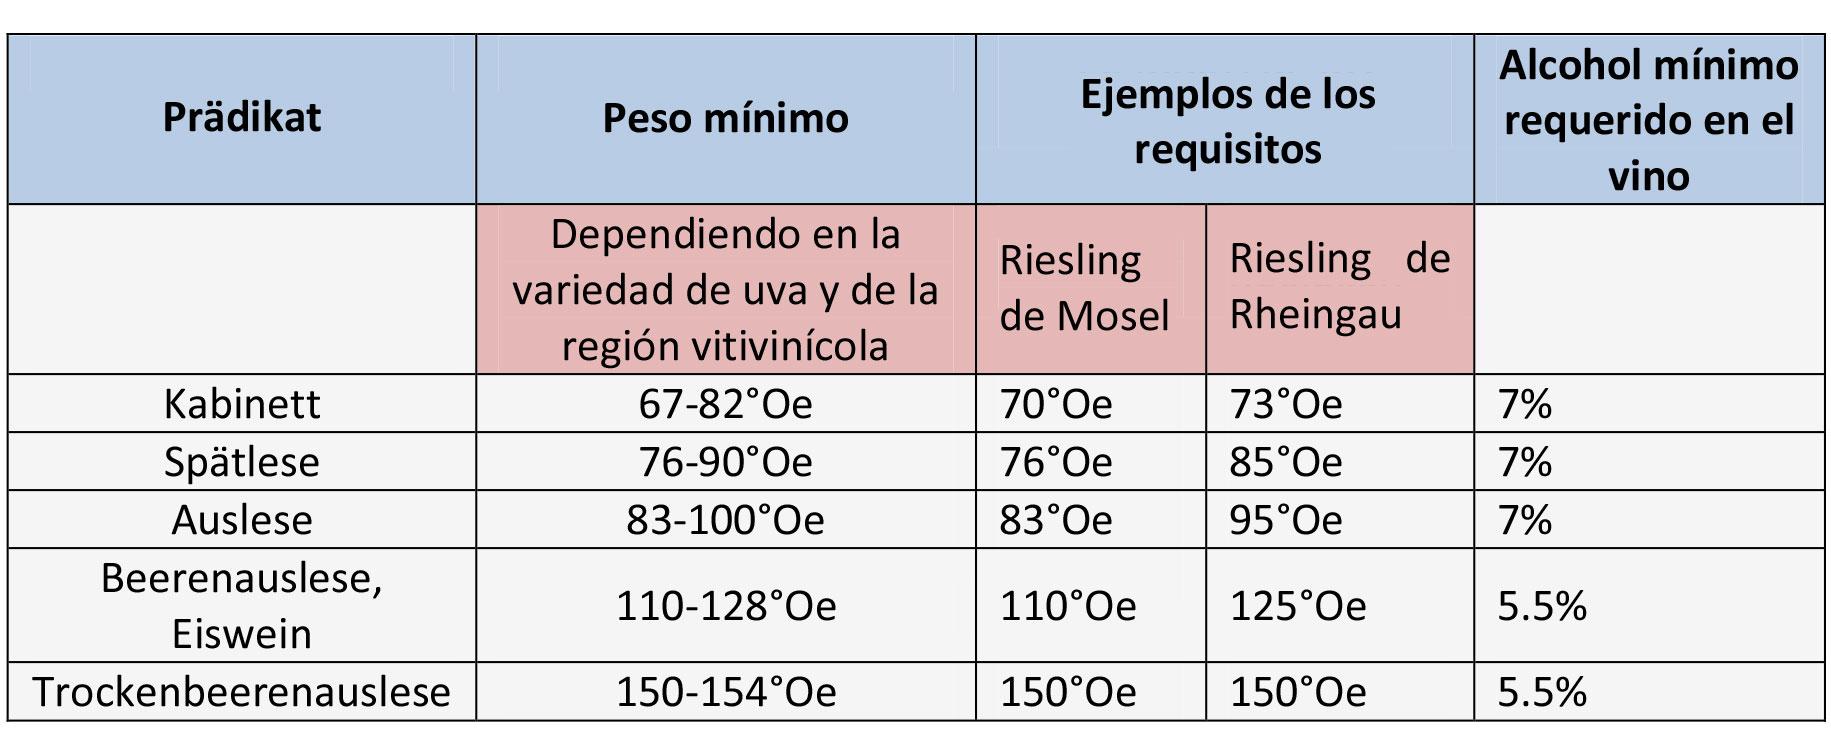 pesos requeridos